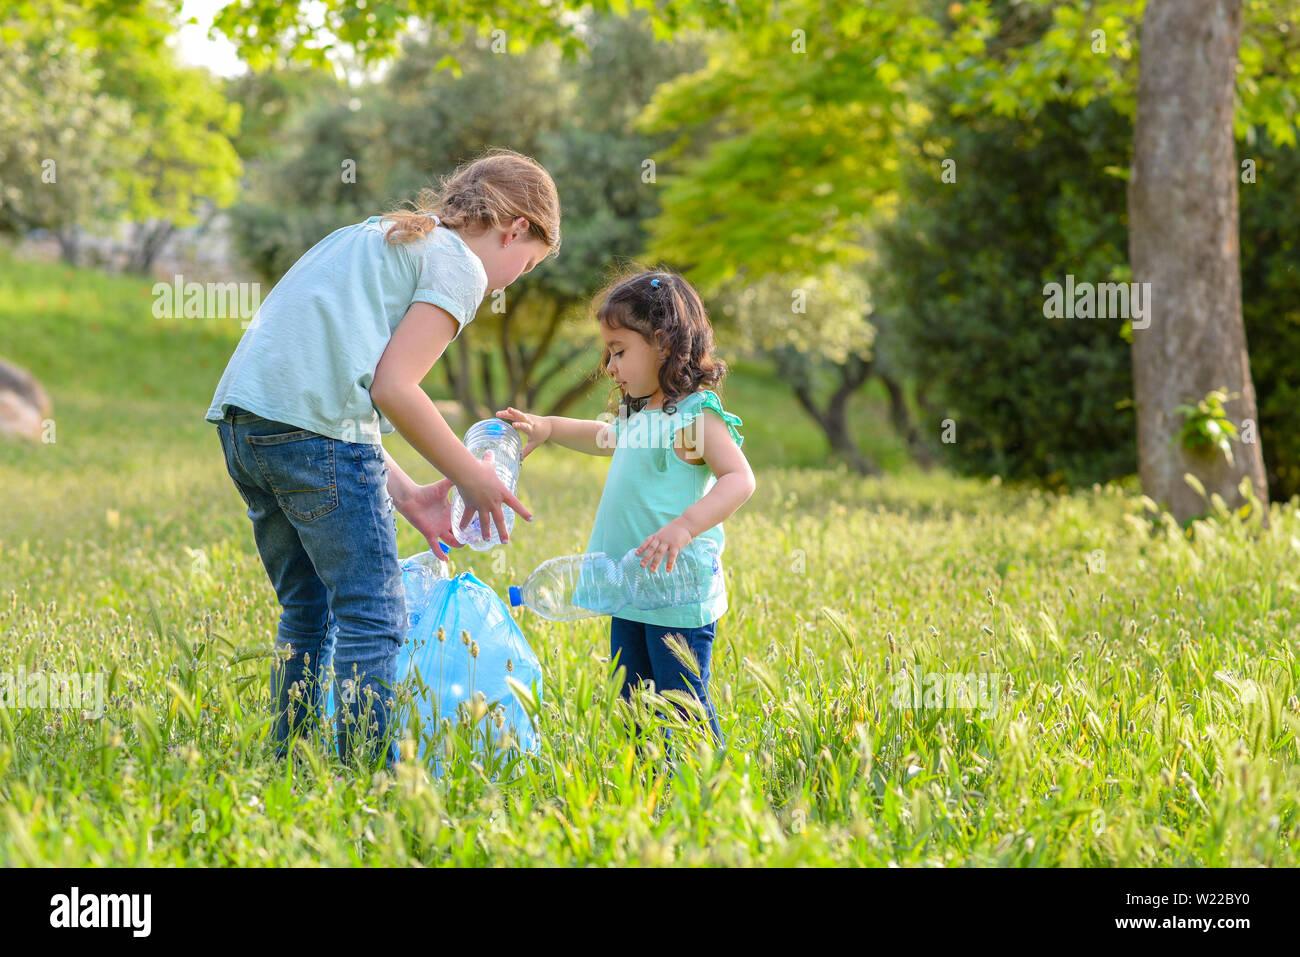 Contaminación plástica en tierra. Cildren recogiendo una botella plástica de hierba en el Parque contaminado. Foto de stock